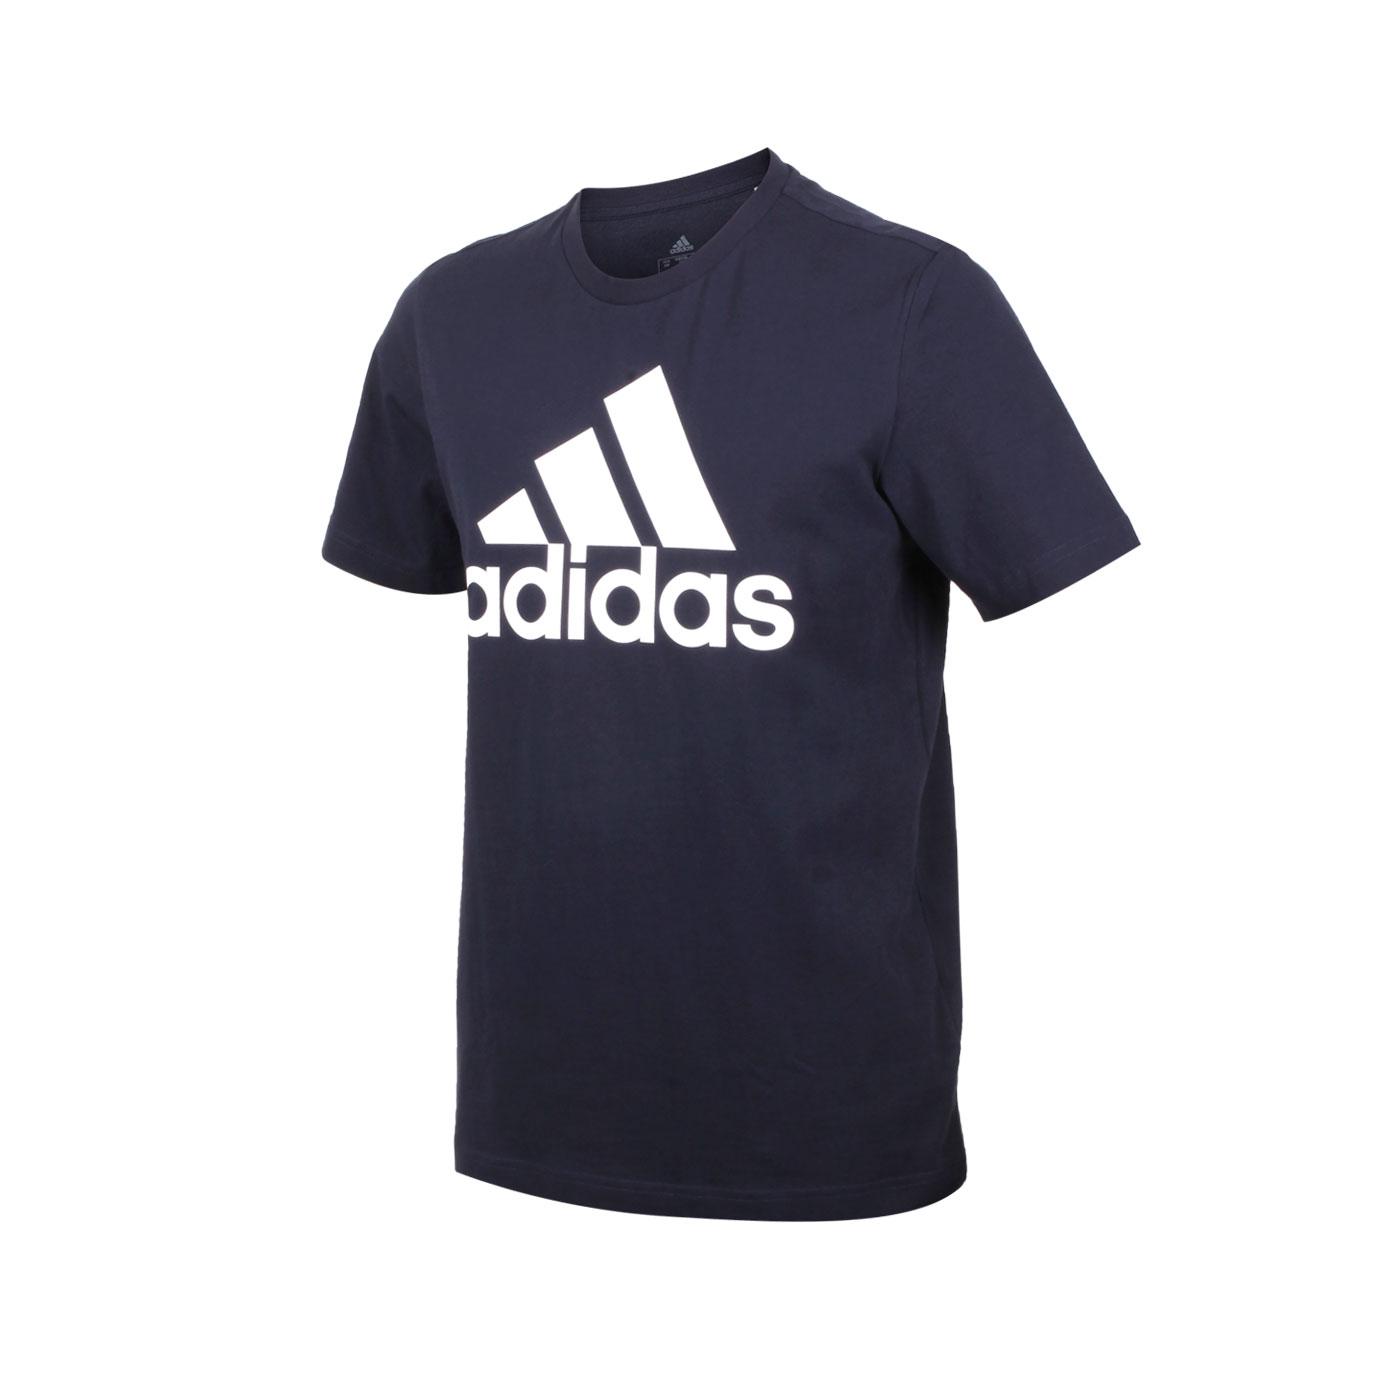 ADIDAS 男款短袖T恤 GK9122 - 丈青白